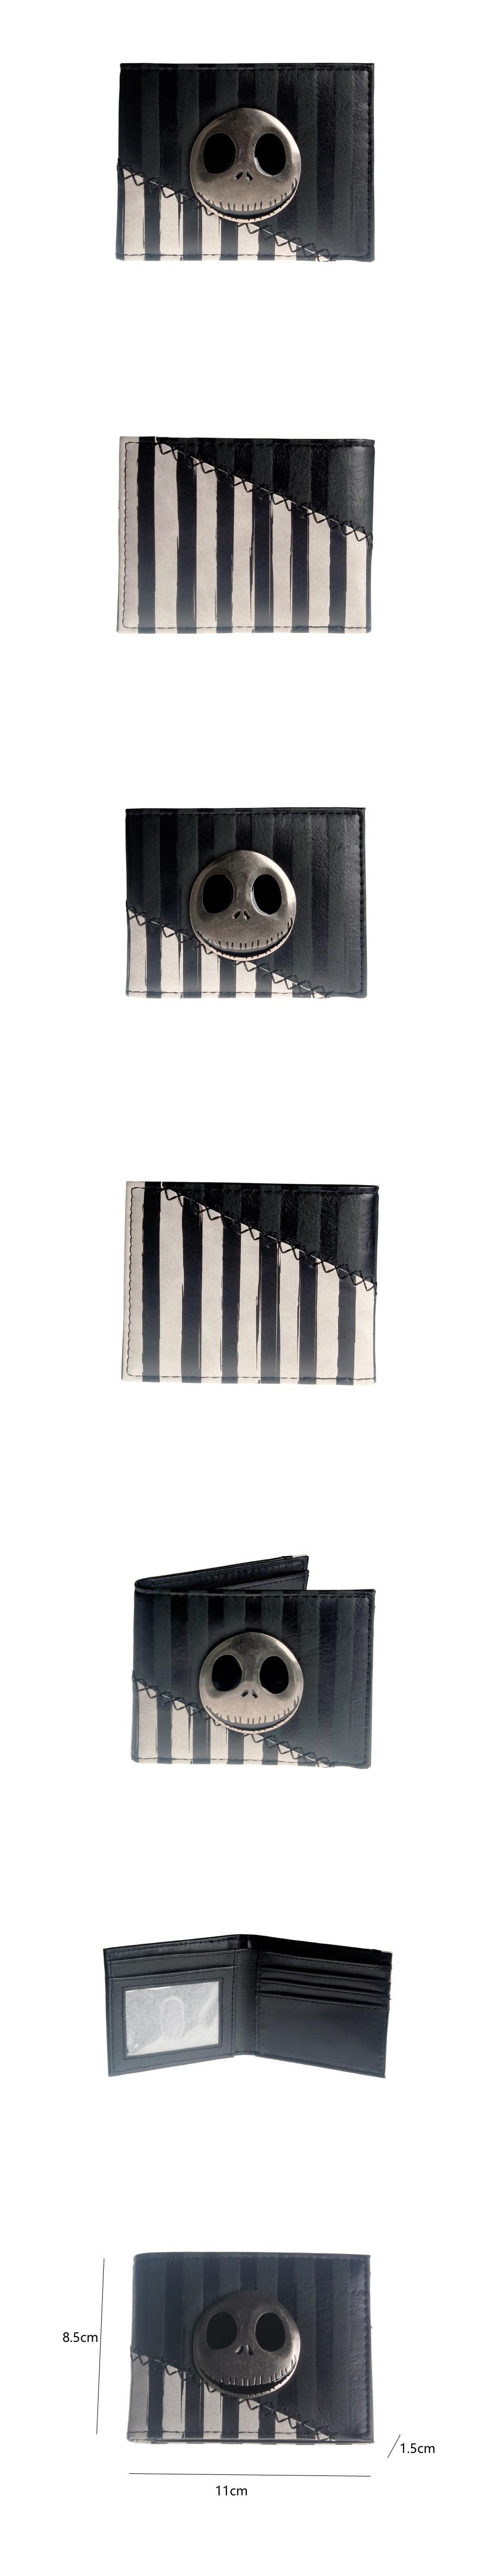 He079e064448d41d687525814c224fc8db Carteira Jack skellington moda de alta qualidade carteira masculina designer nova bolsa dft3194